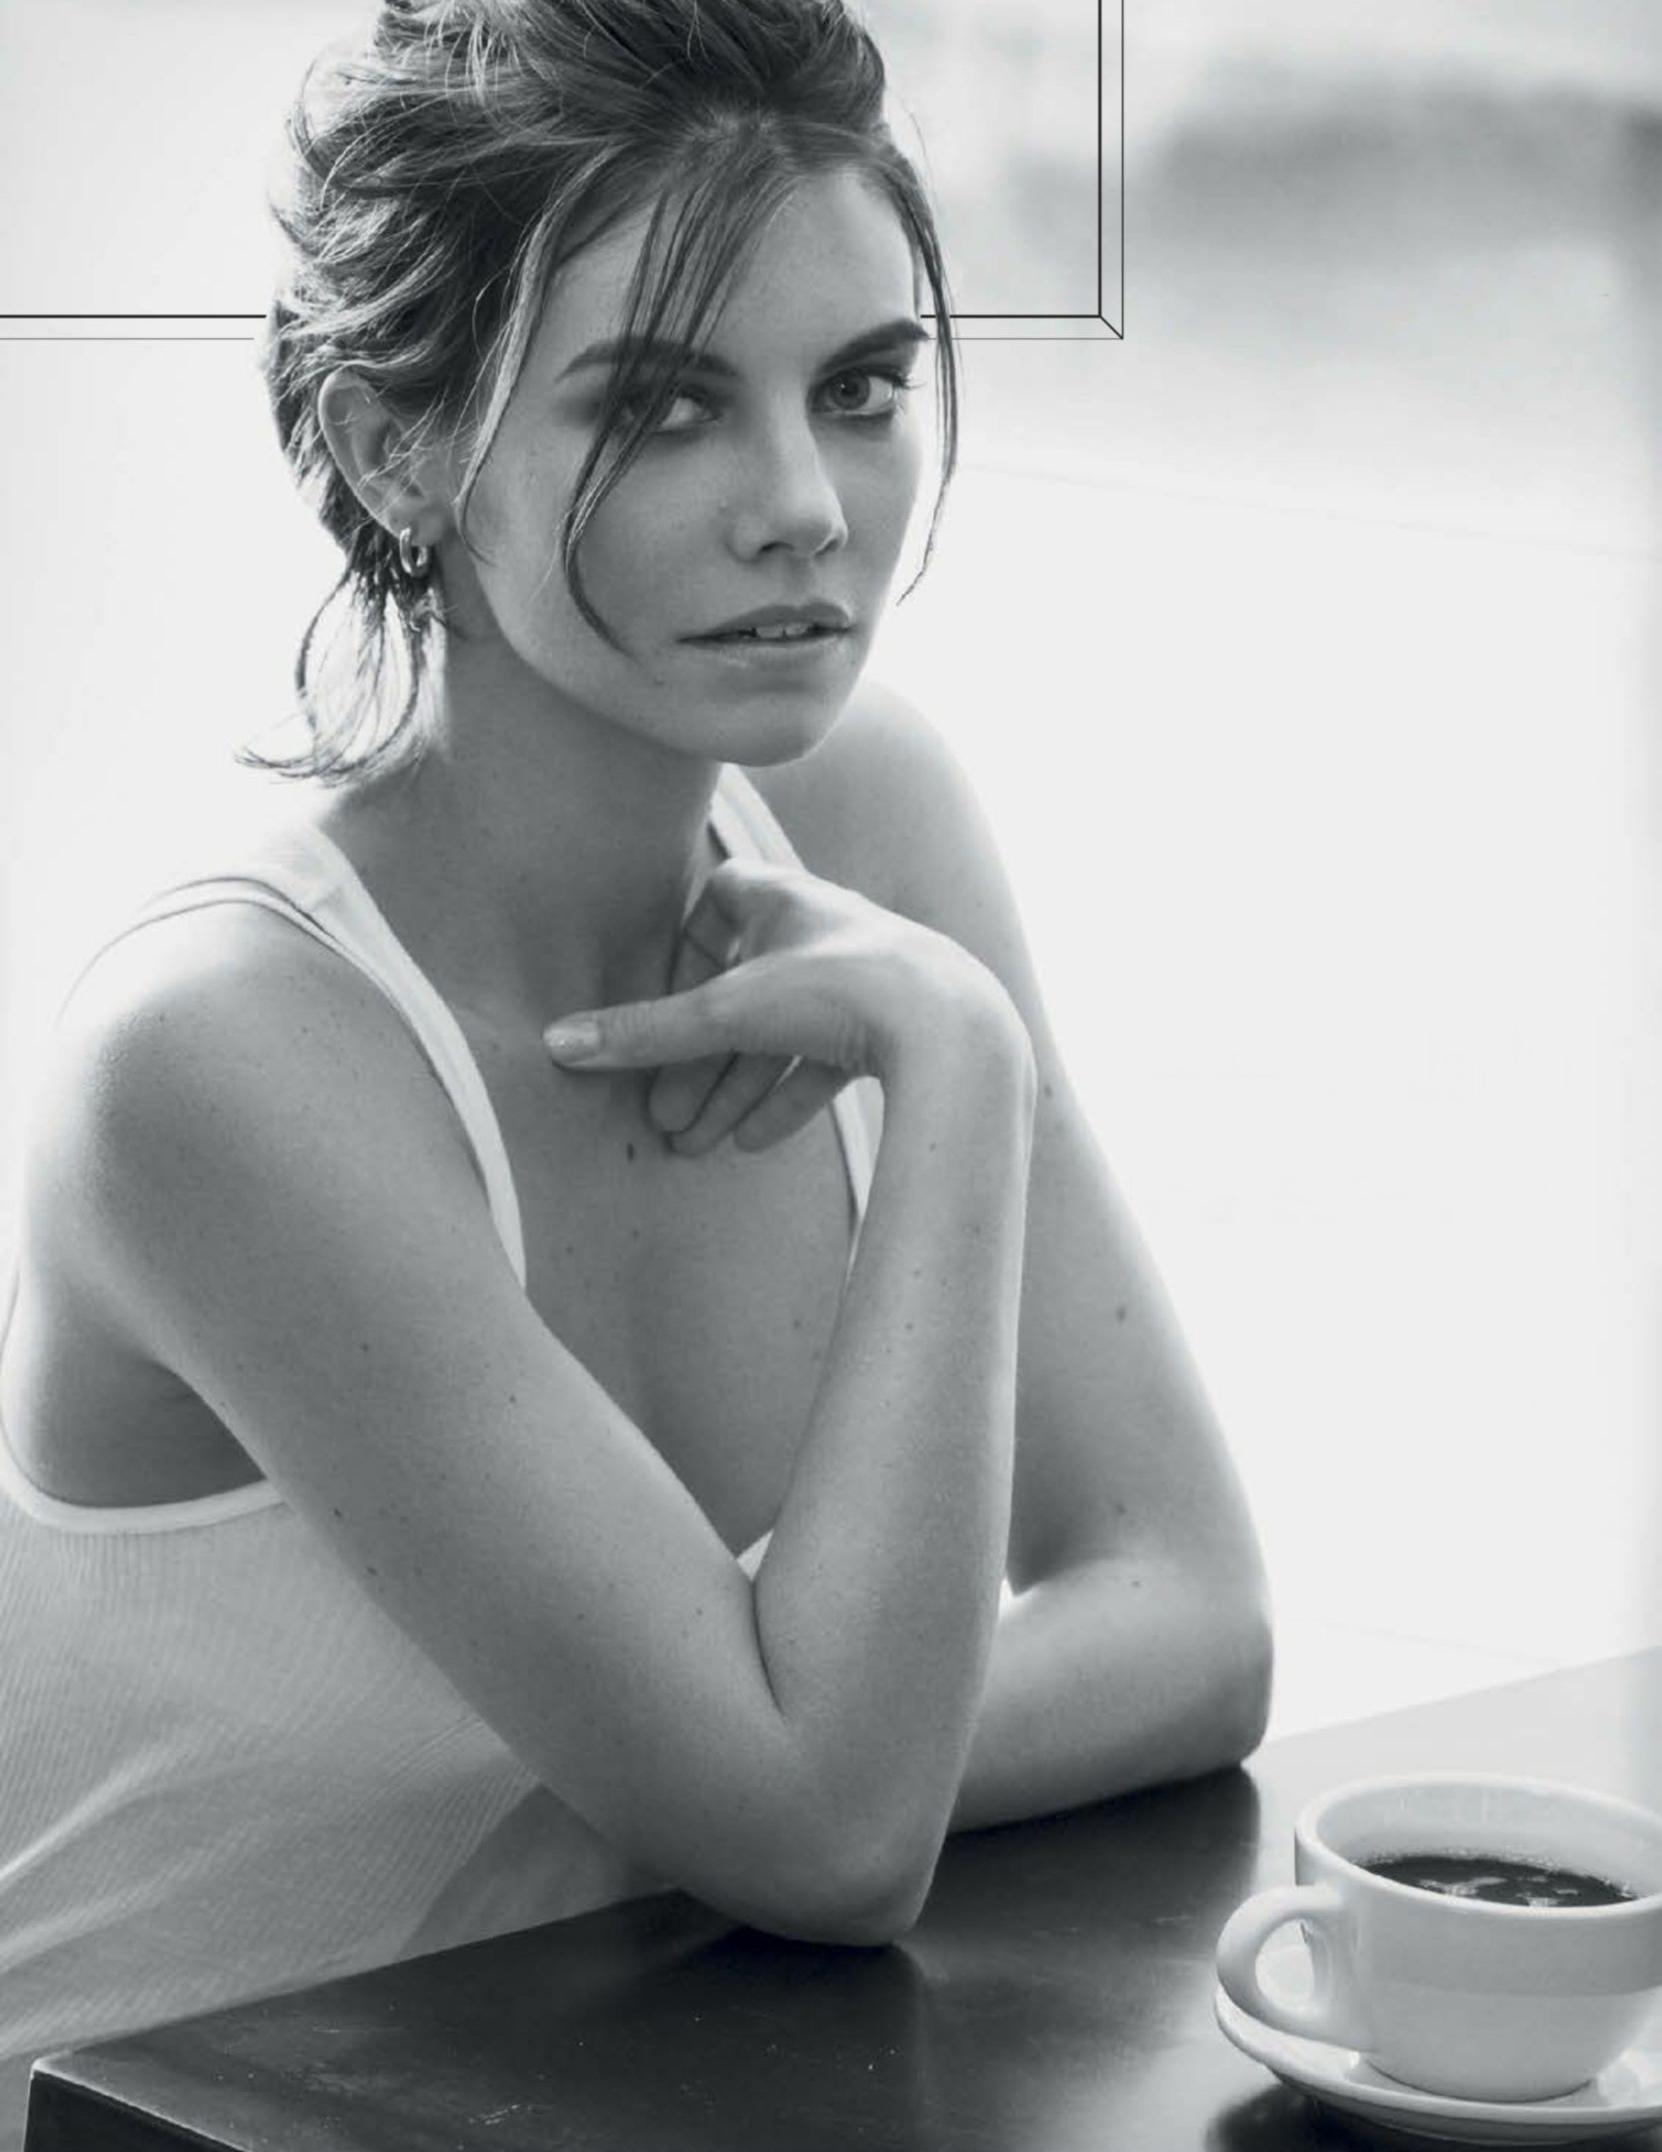 women-model-lauren-cohan-sexy-naked-vids